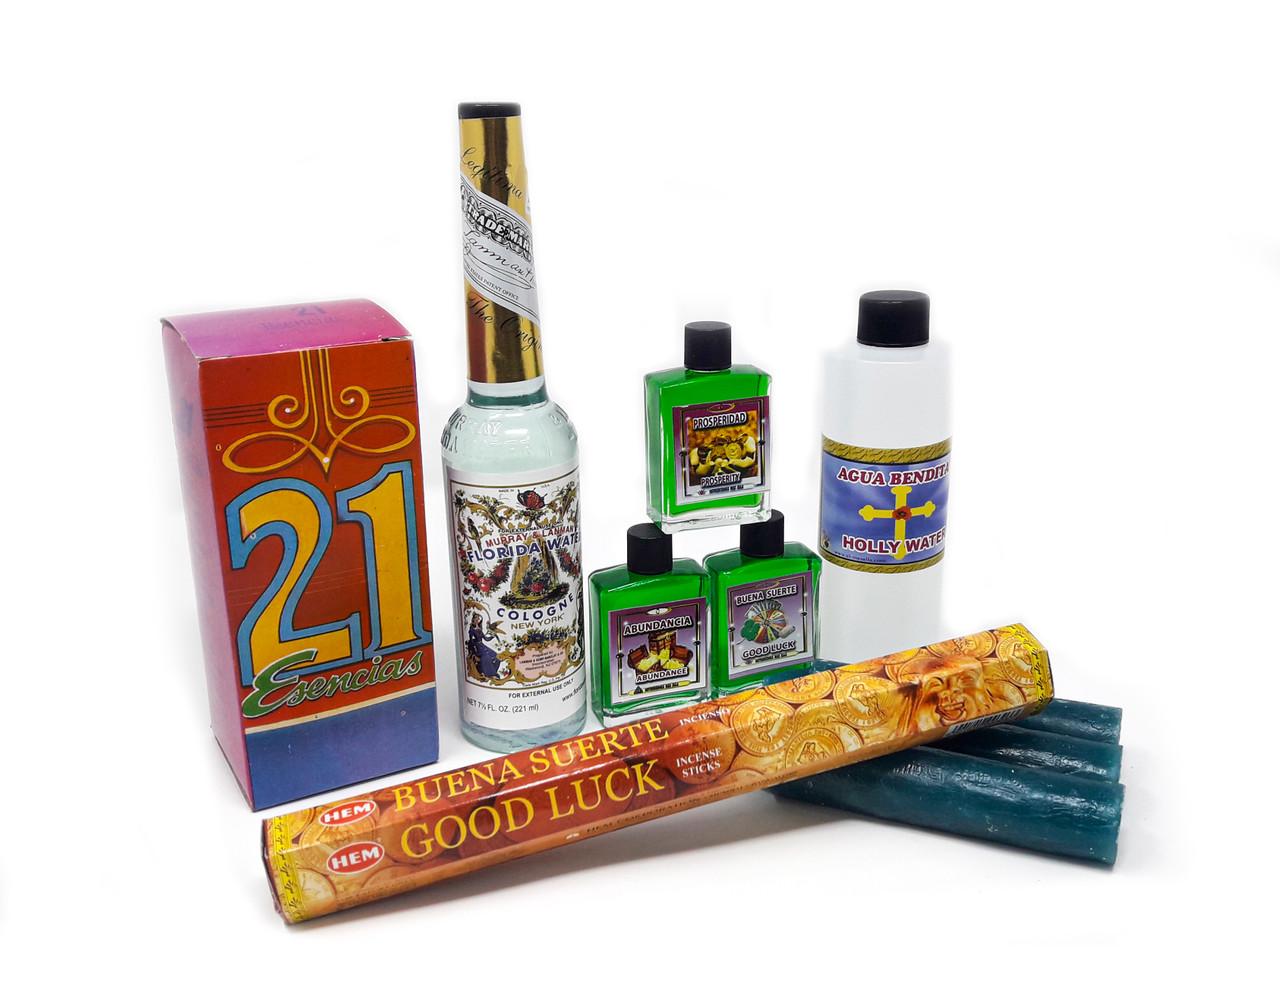 Kit Para Atraer Buena Suerte Y Prosperidad (10 Productos)